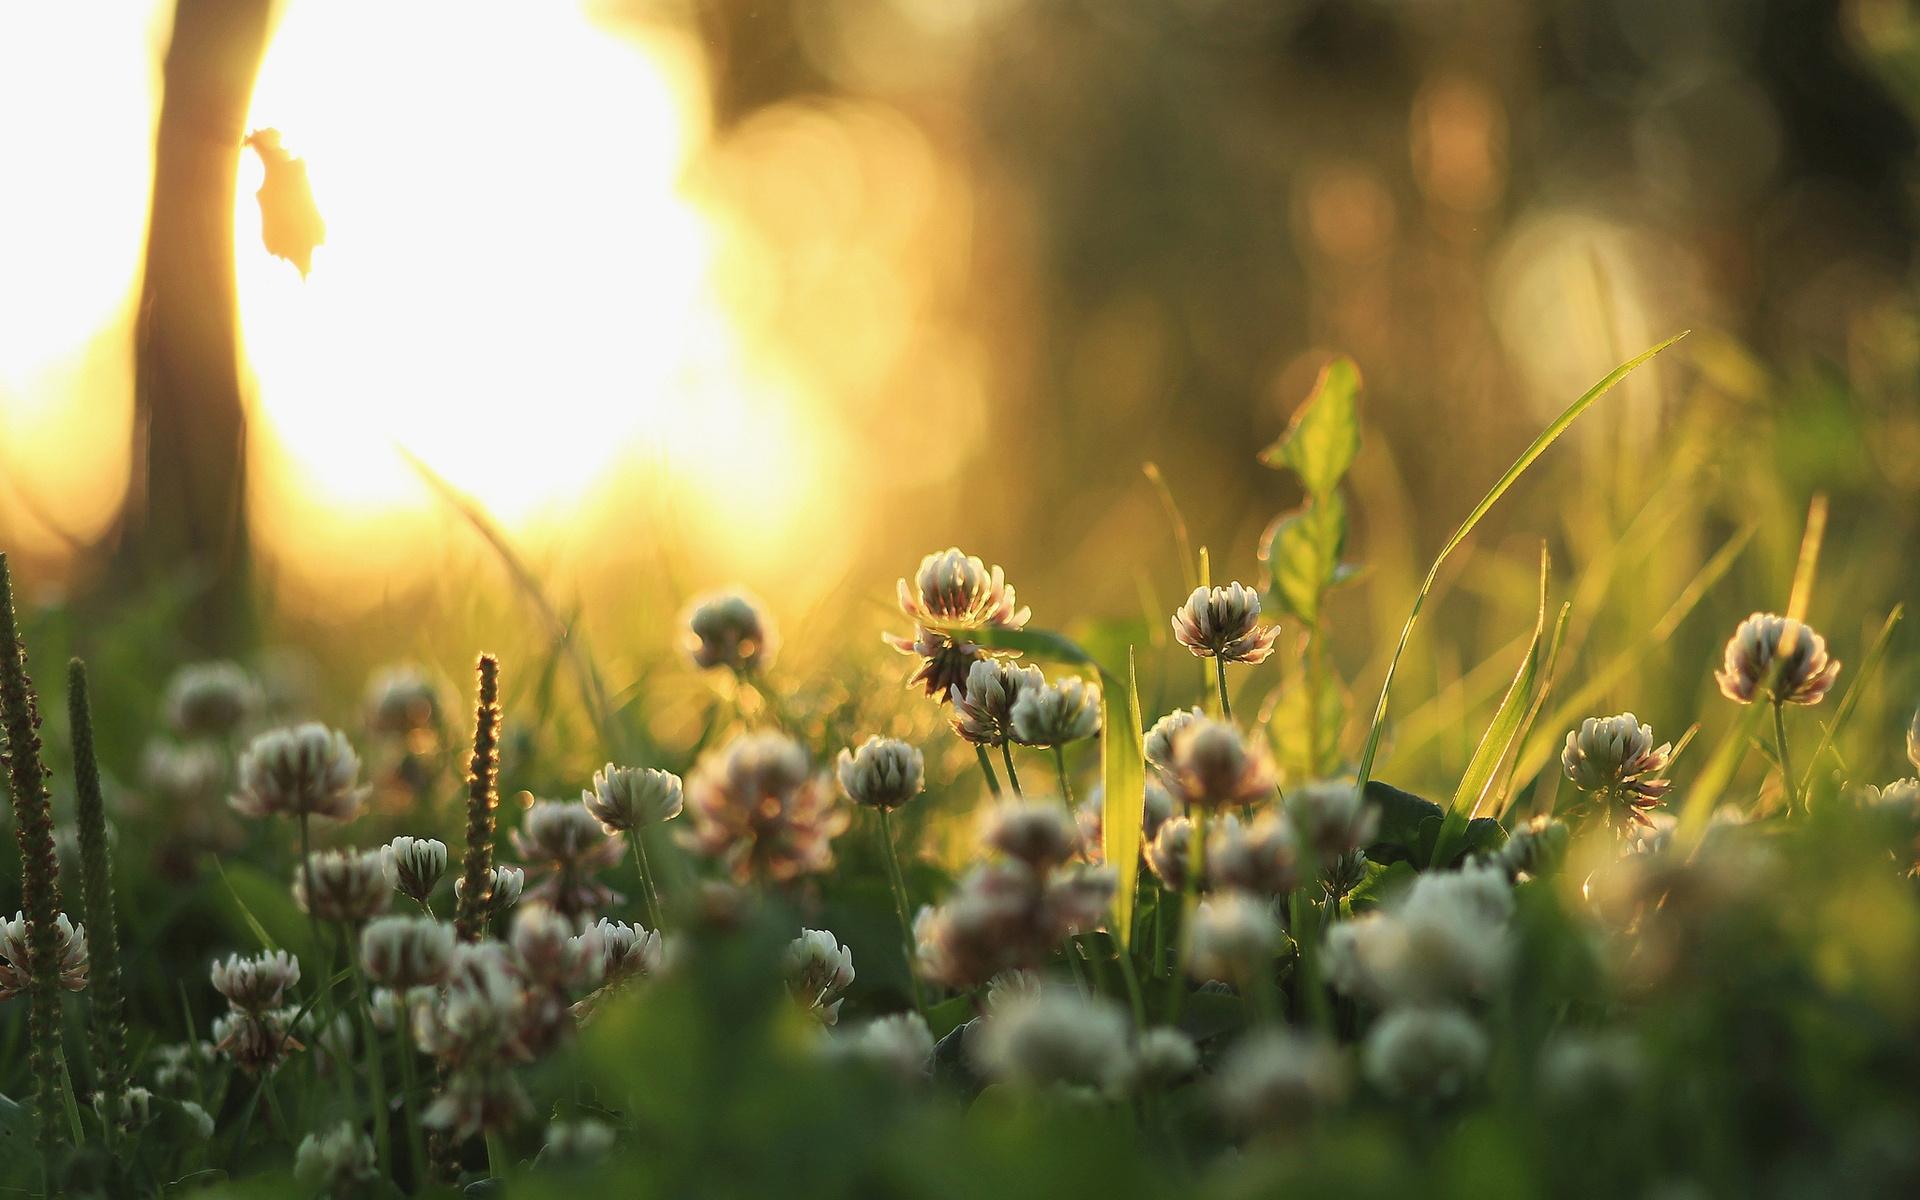 молодая открытки фото с добрым утром природа тут поджидаю